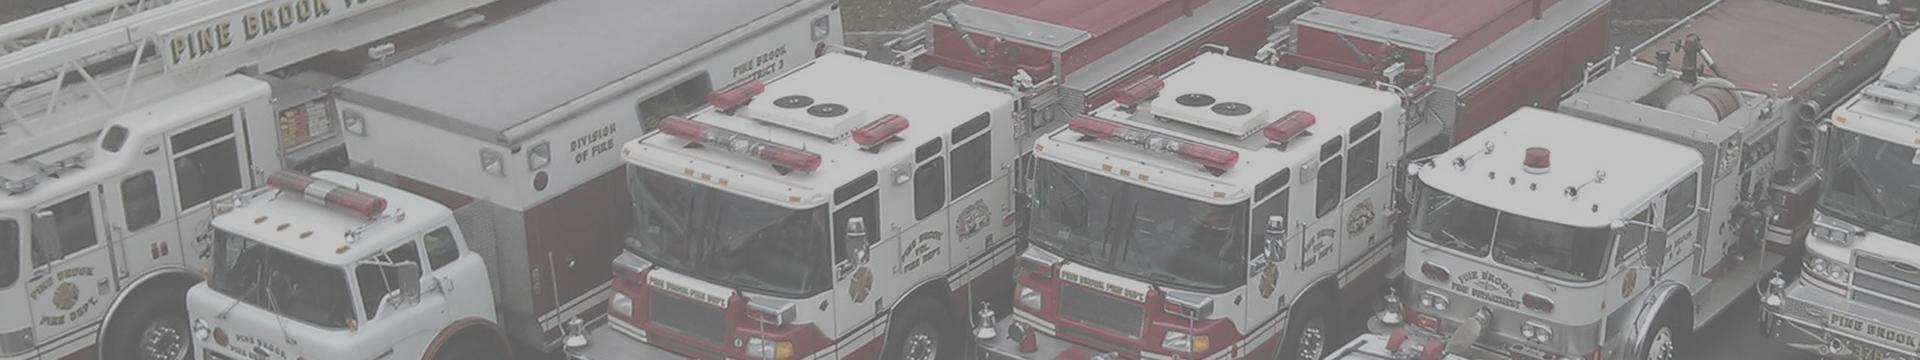 Pine Brook Volunteer Fire Department